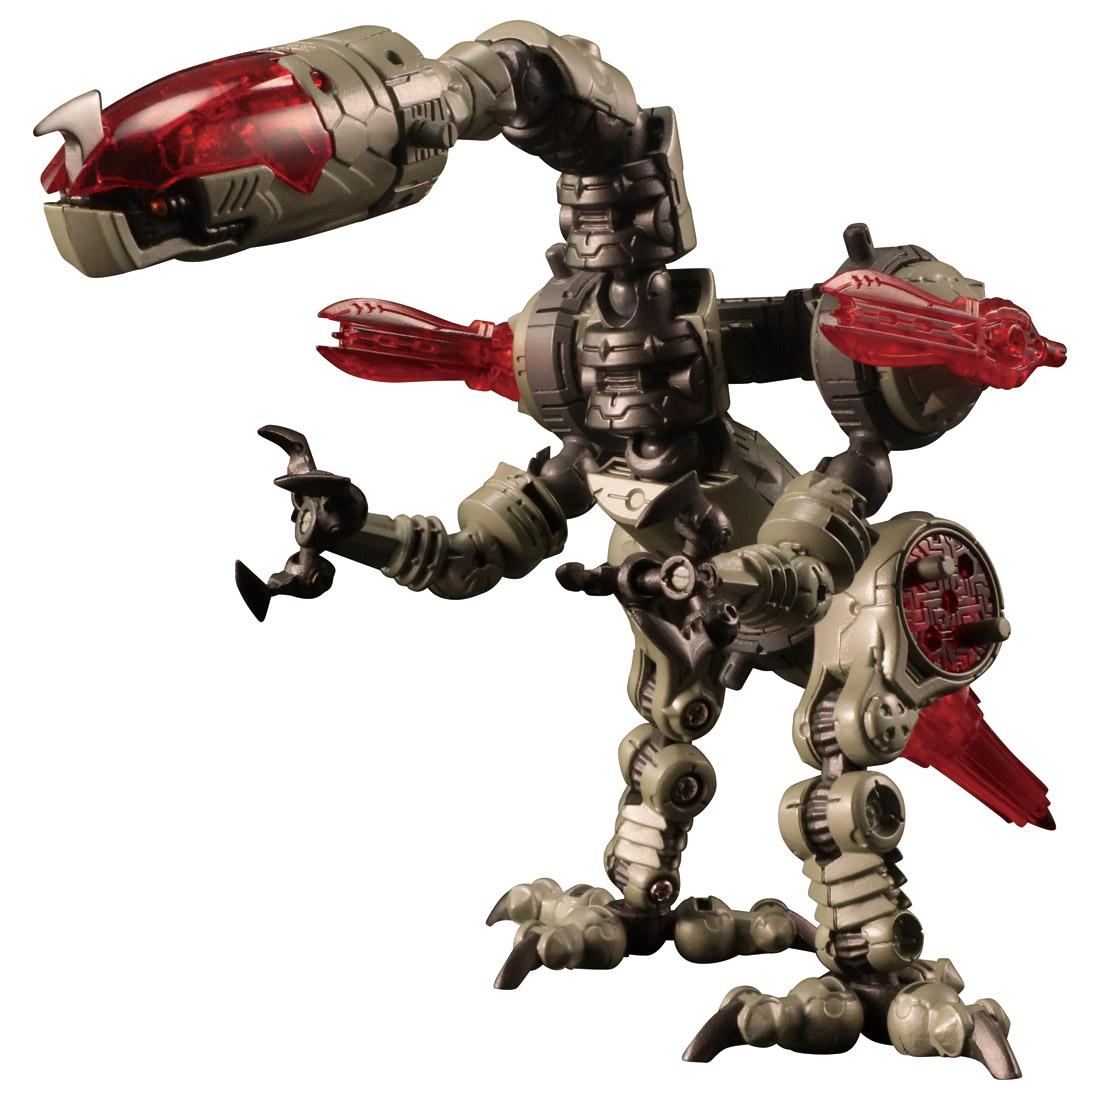 ダイアクロン『DA-31 ワルダレイダー ラプトヘッド』可動フィギュア-008